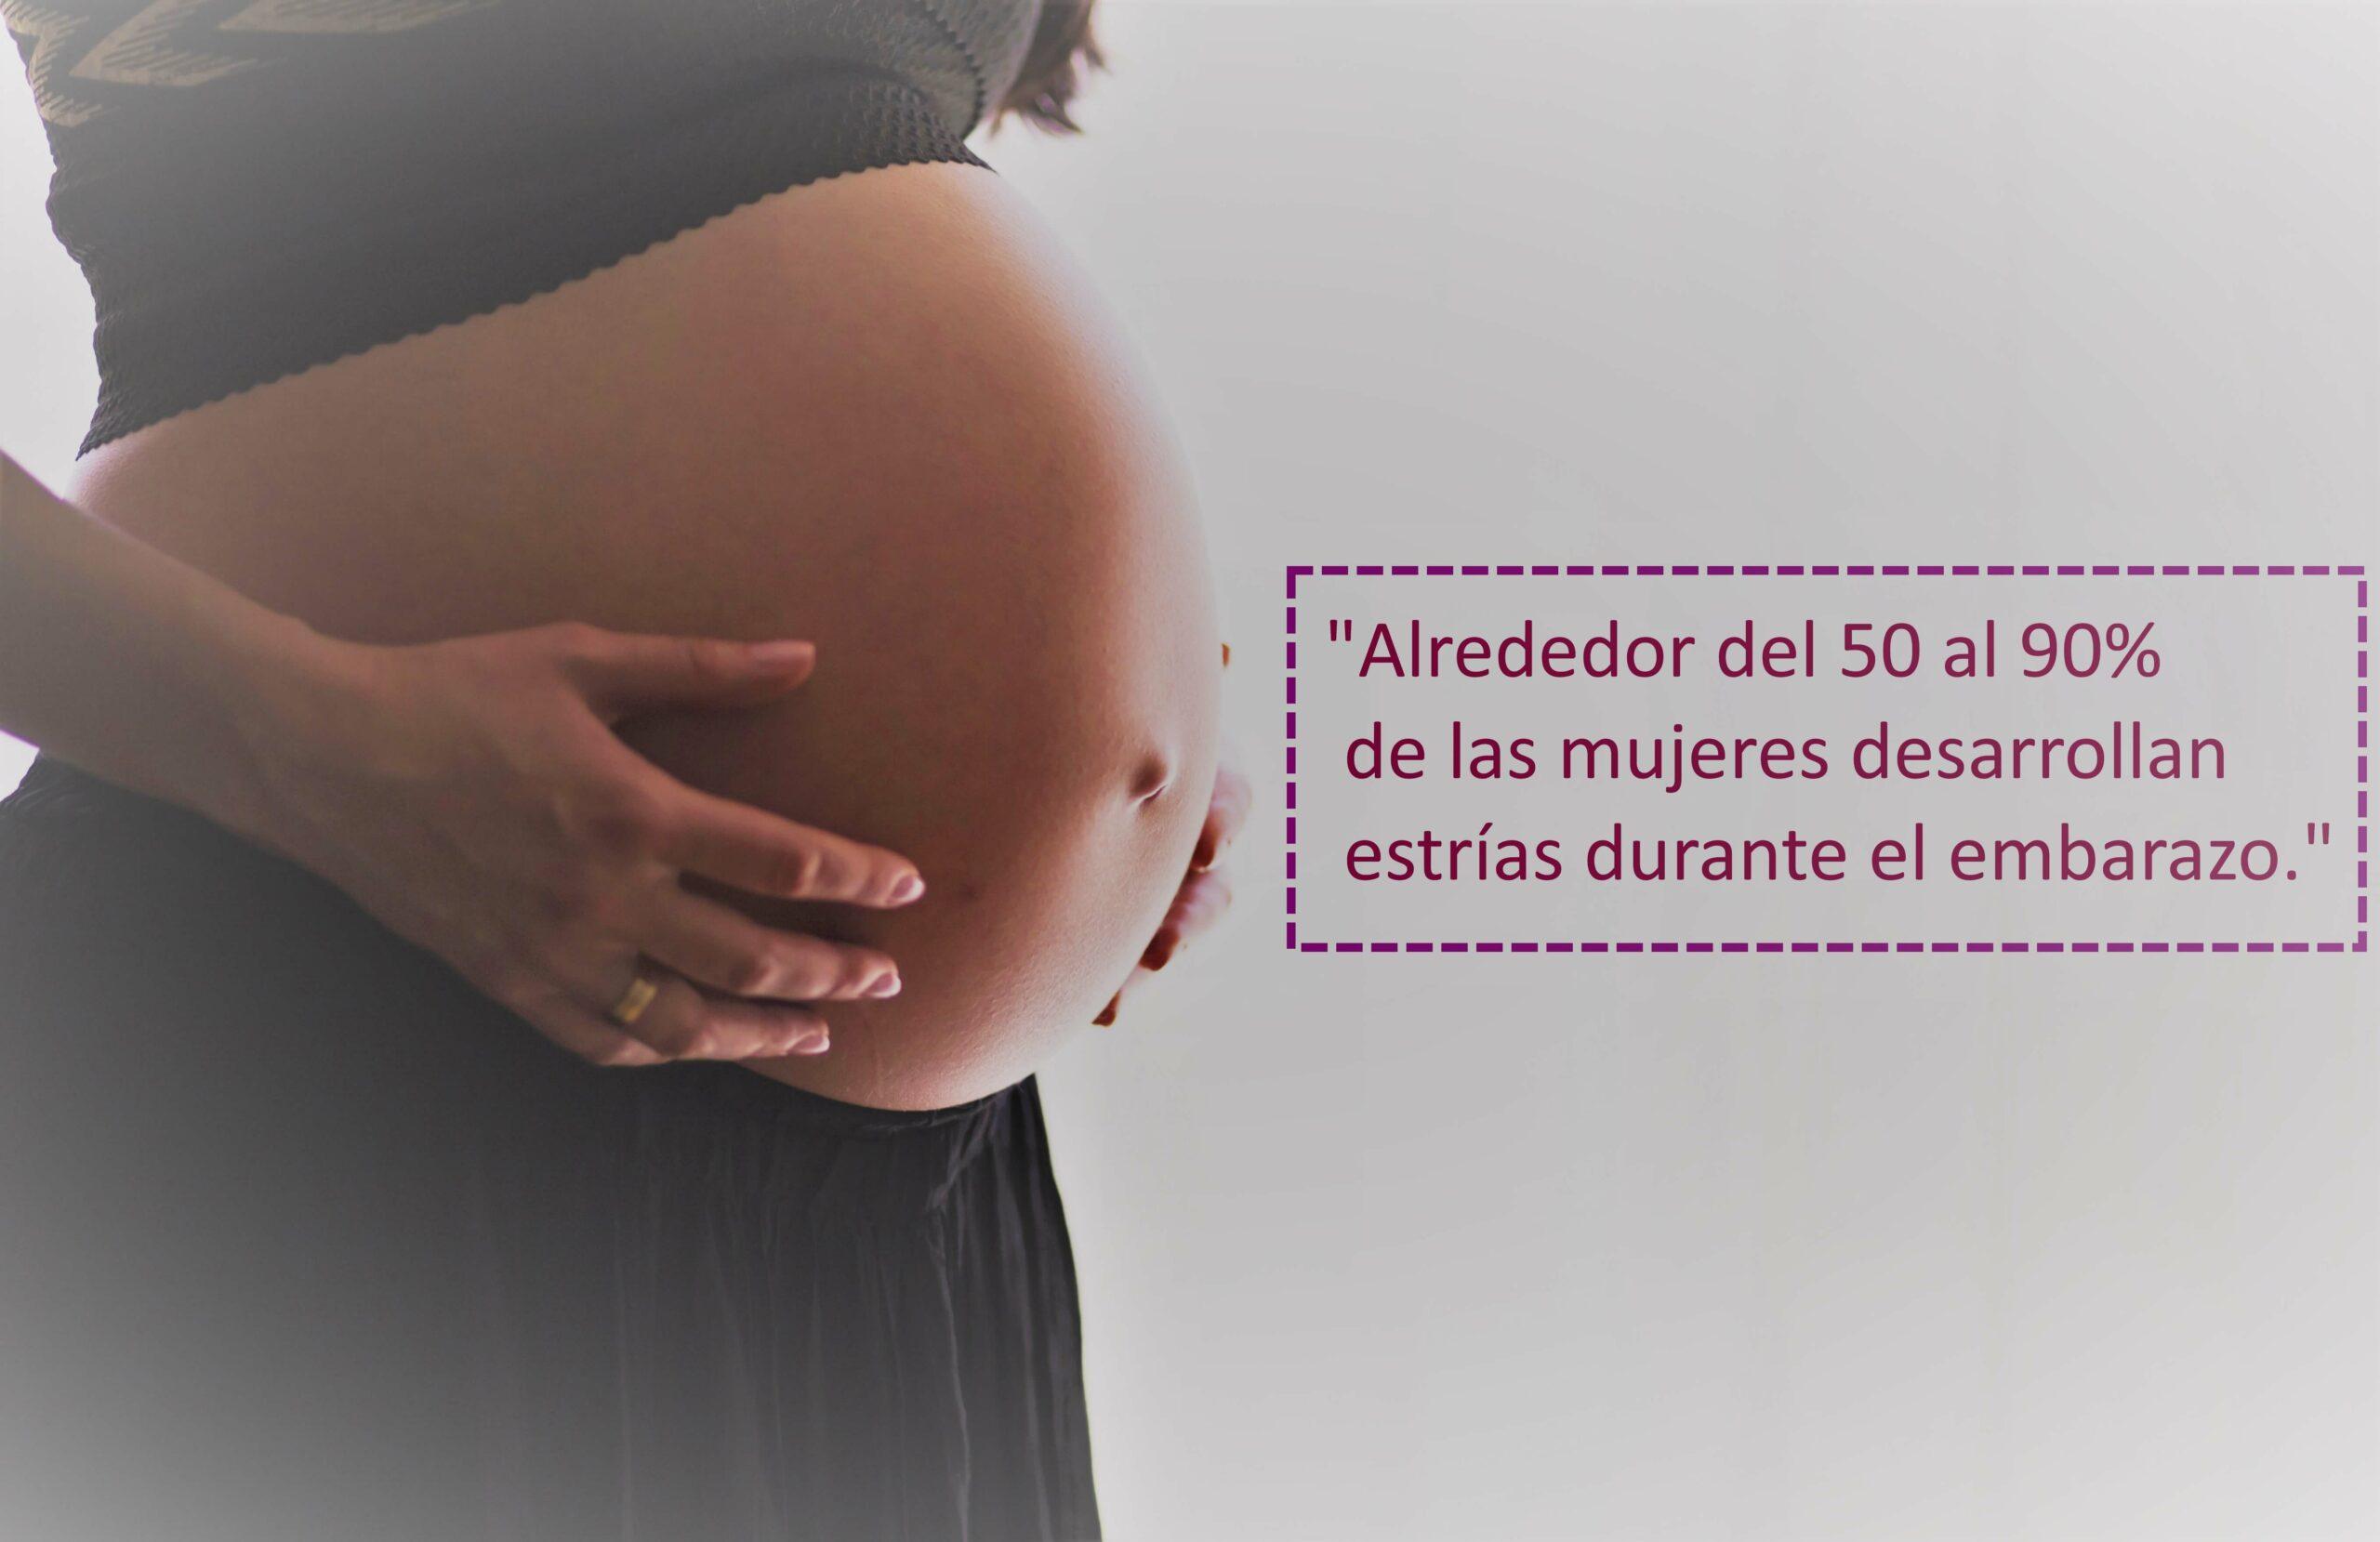 Estrias rojas durante el embarazo